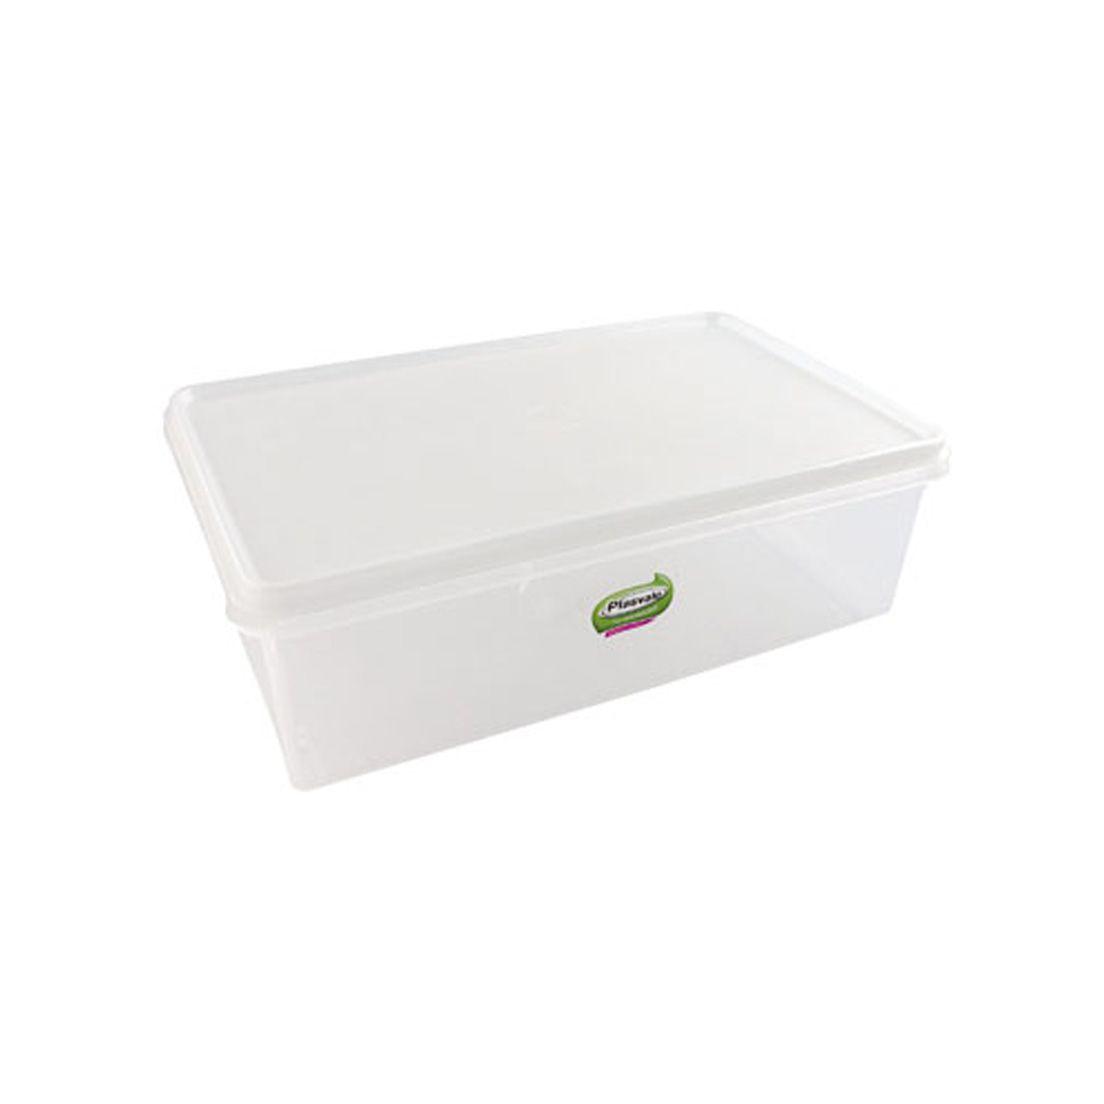 Caixa Organizadora para Freezer e Geladeira de Plástico com Tampa Retangular 3,5L